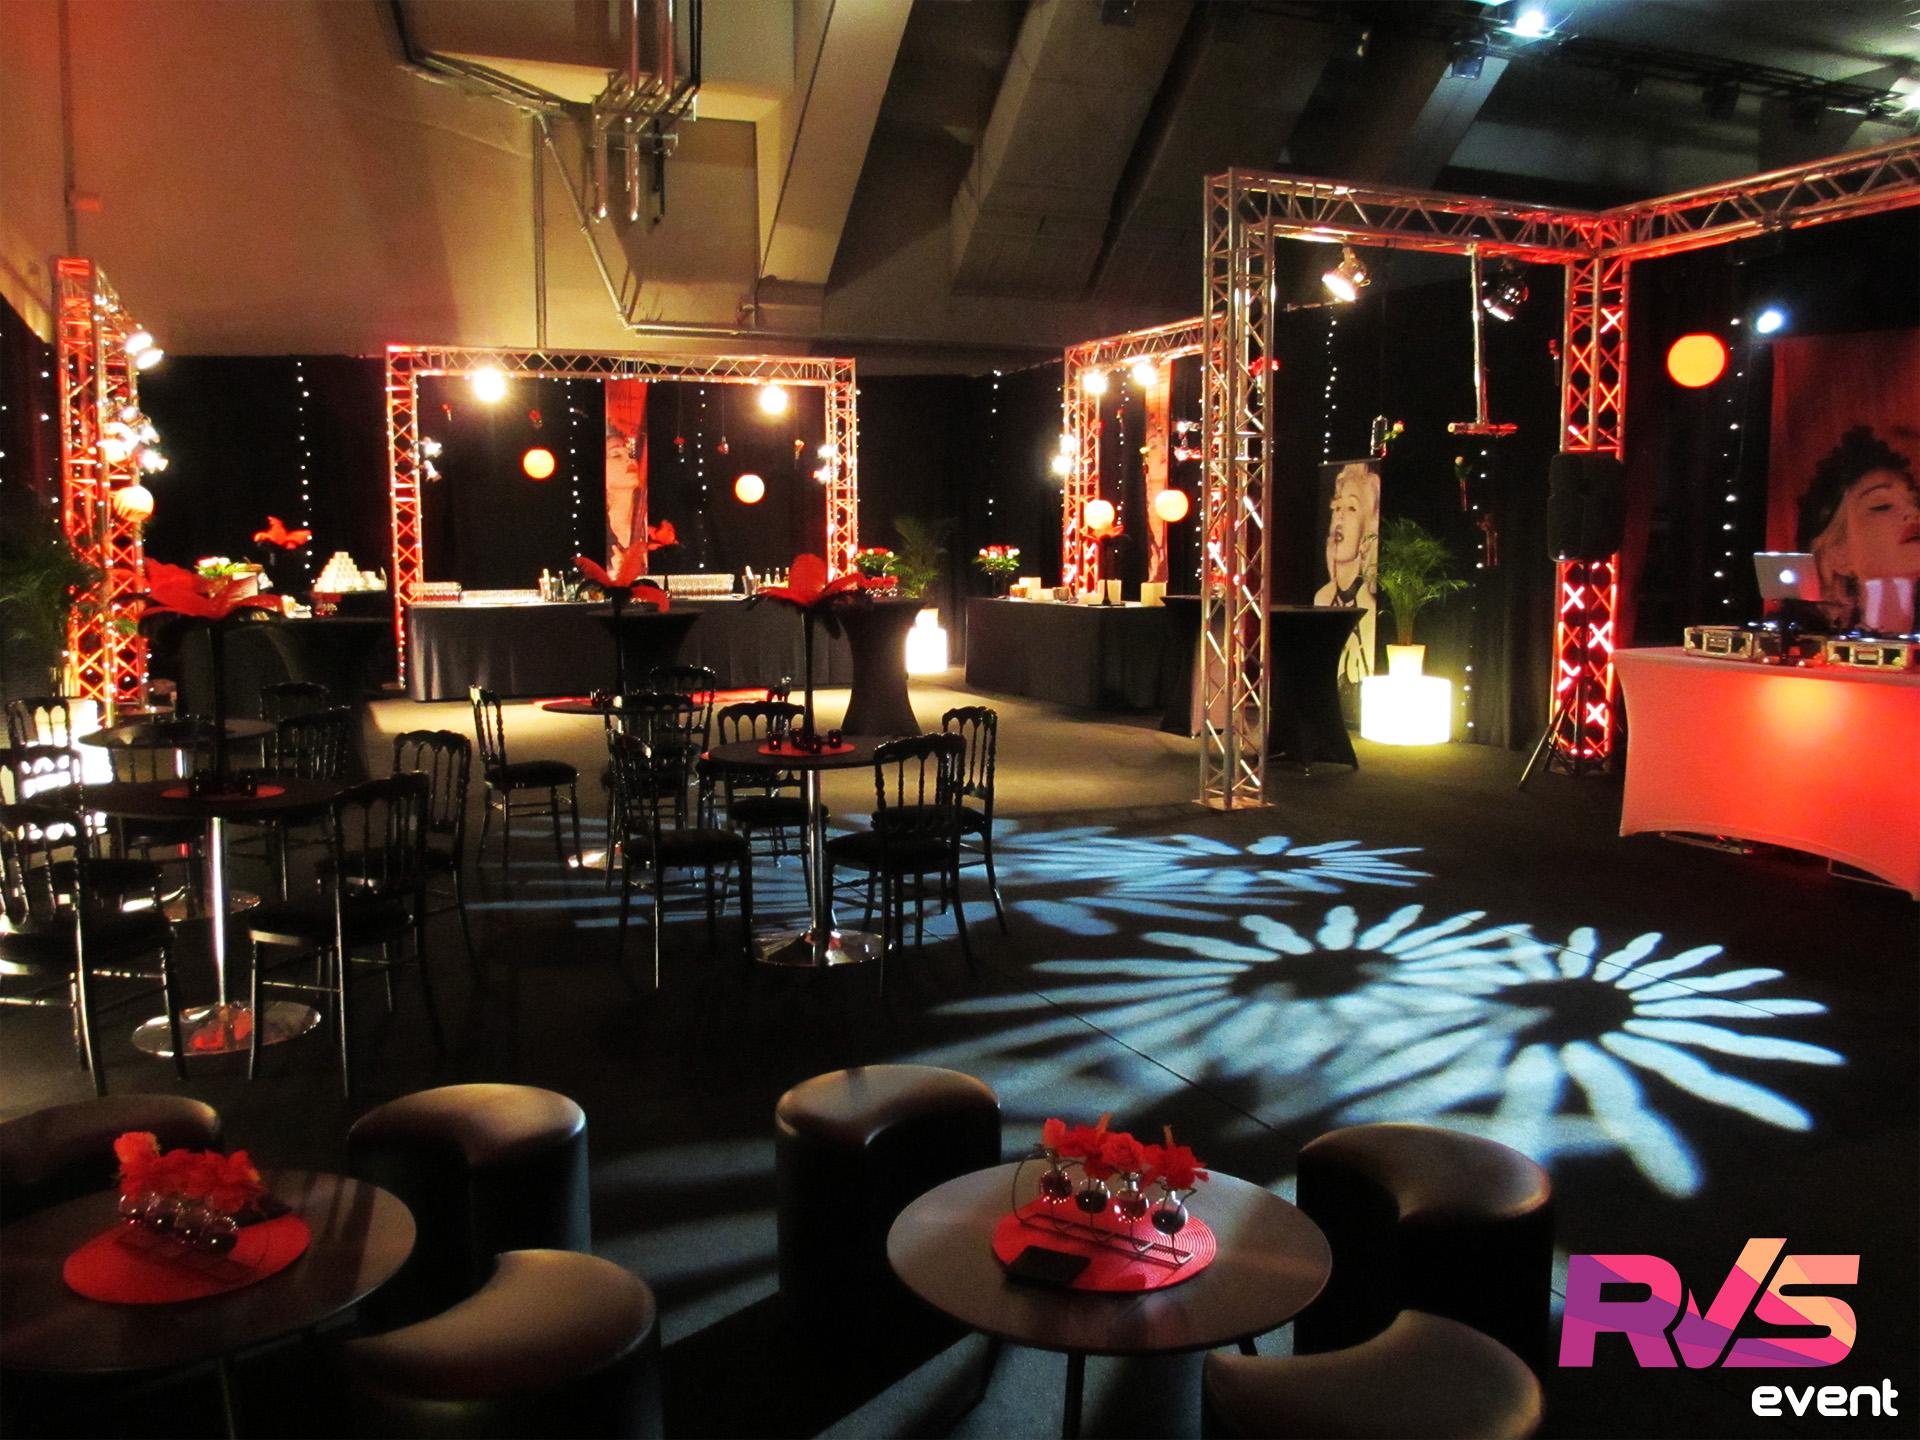 Salon vip party de madonna l accorhotels arena bercy - Salon de massage val d oise ...